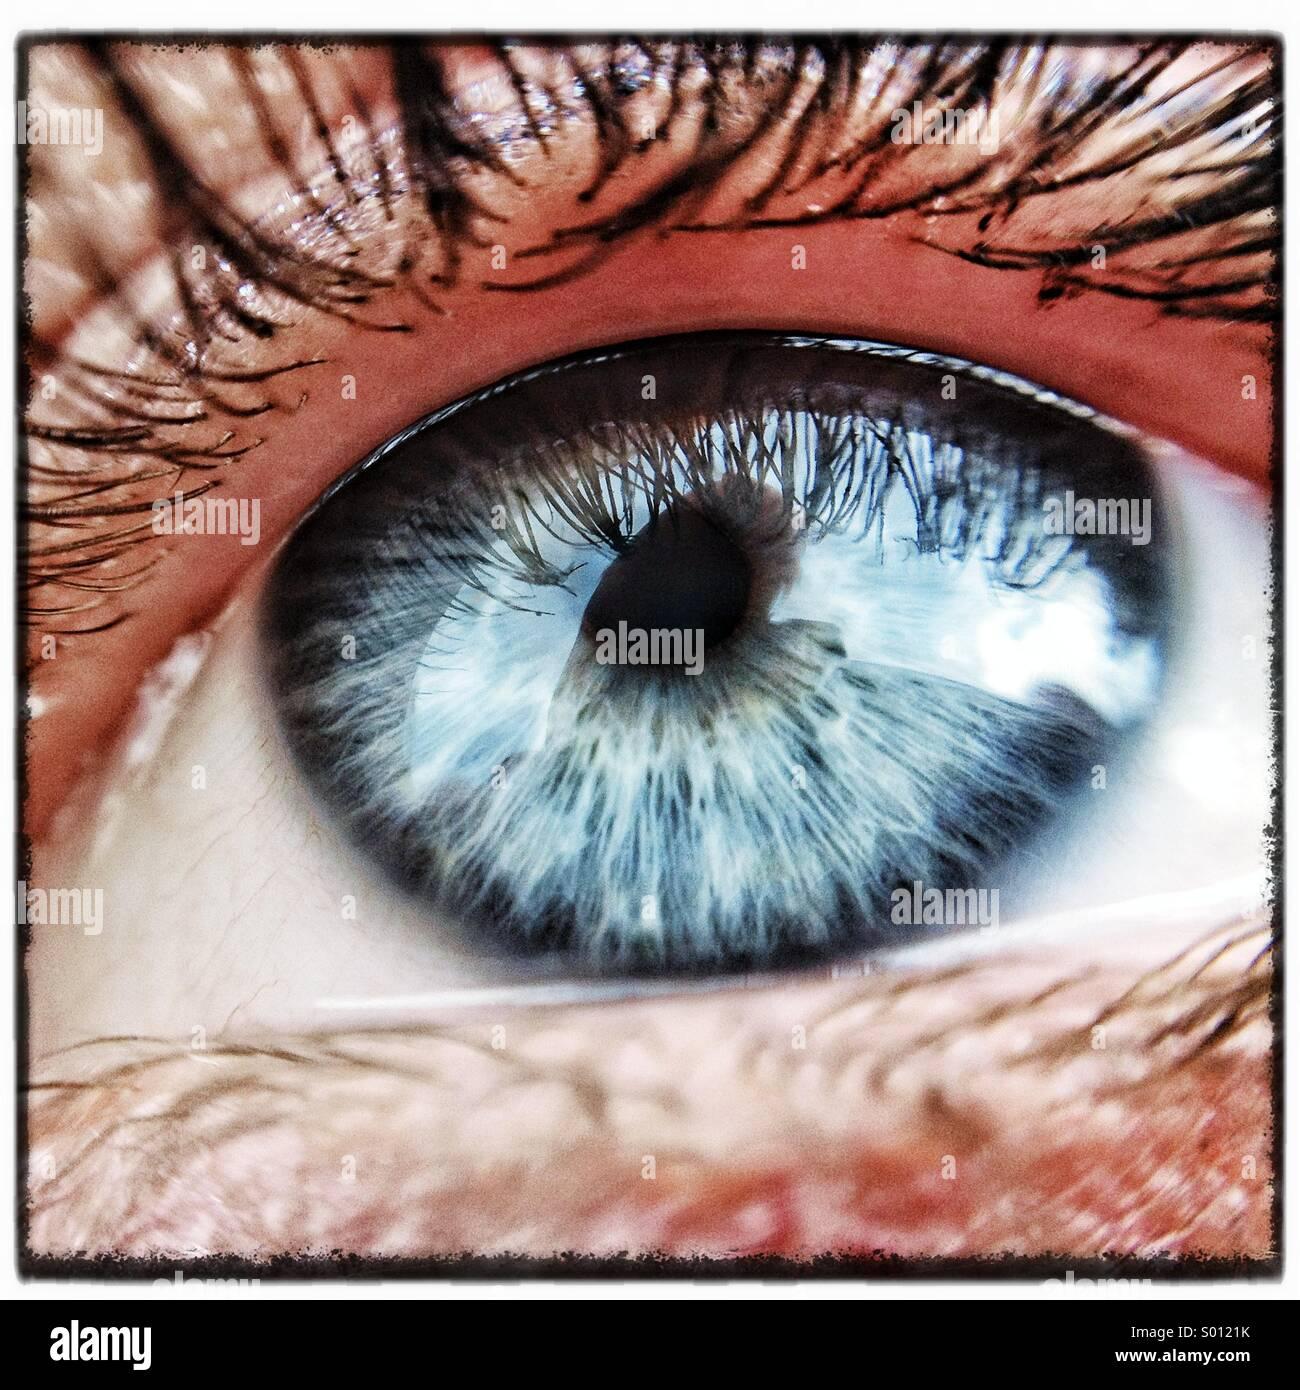 Macro of woman's eye - Stock Image